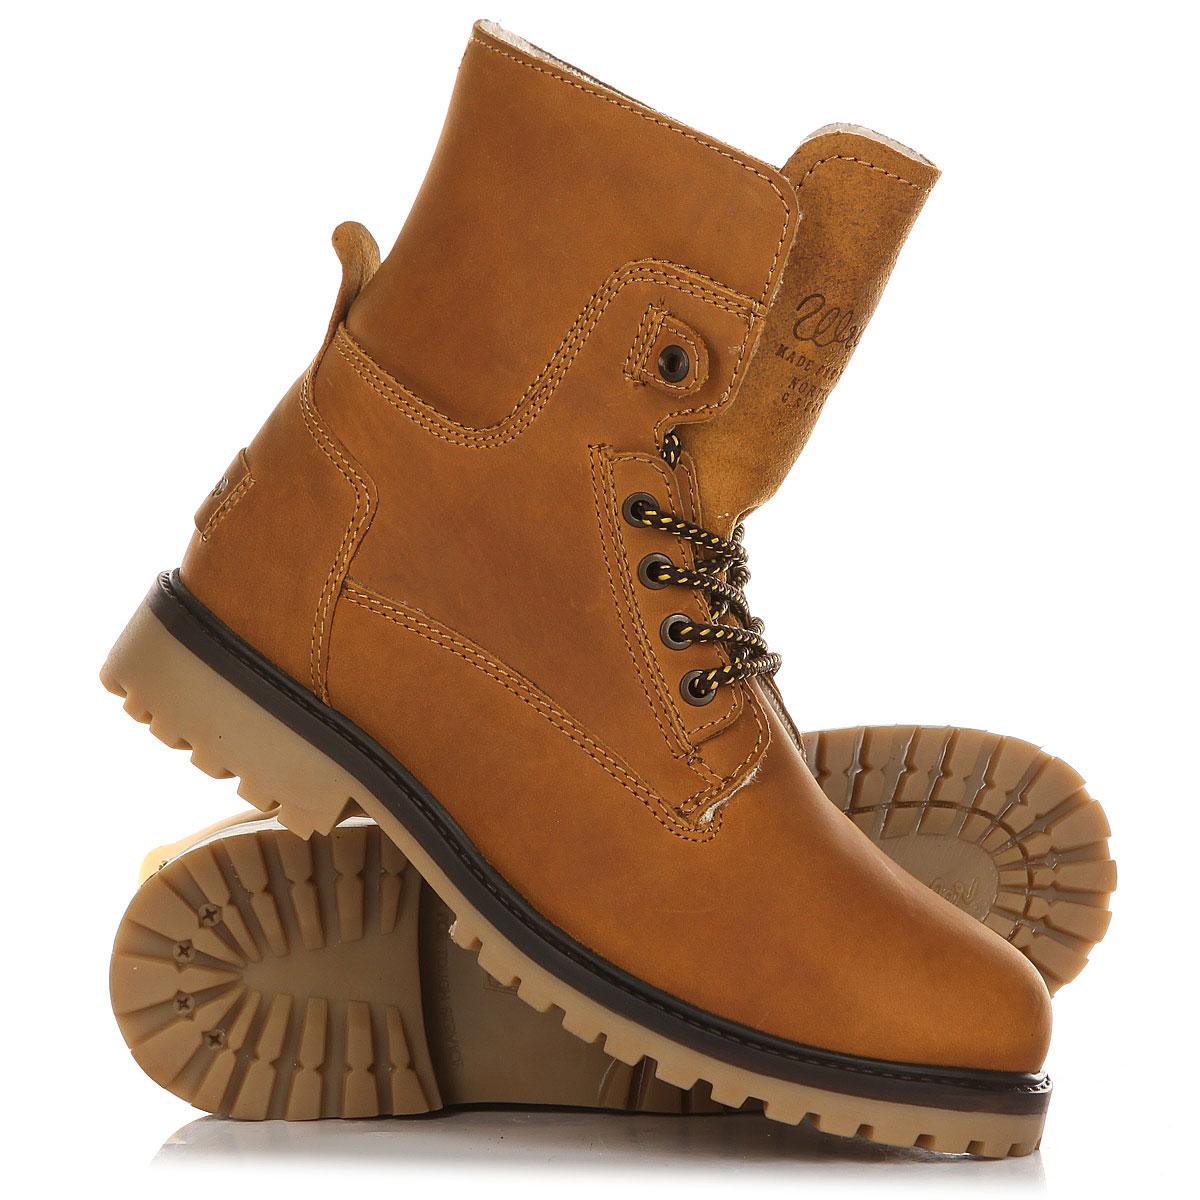 0e5c6bde4 Купить ботинки зимние Wrangler Aviator Camel в интернет-магазине  Proskater.by